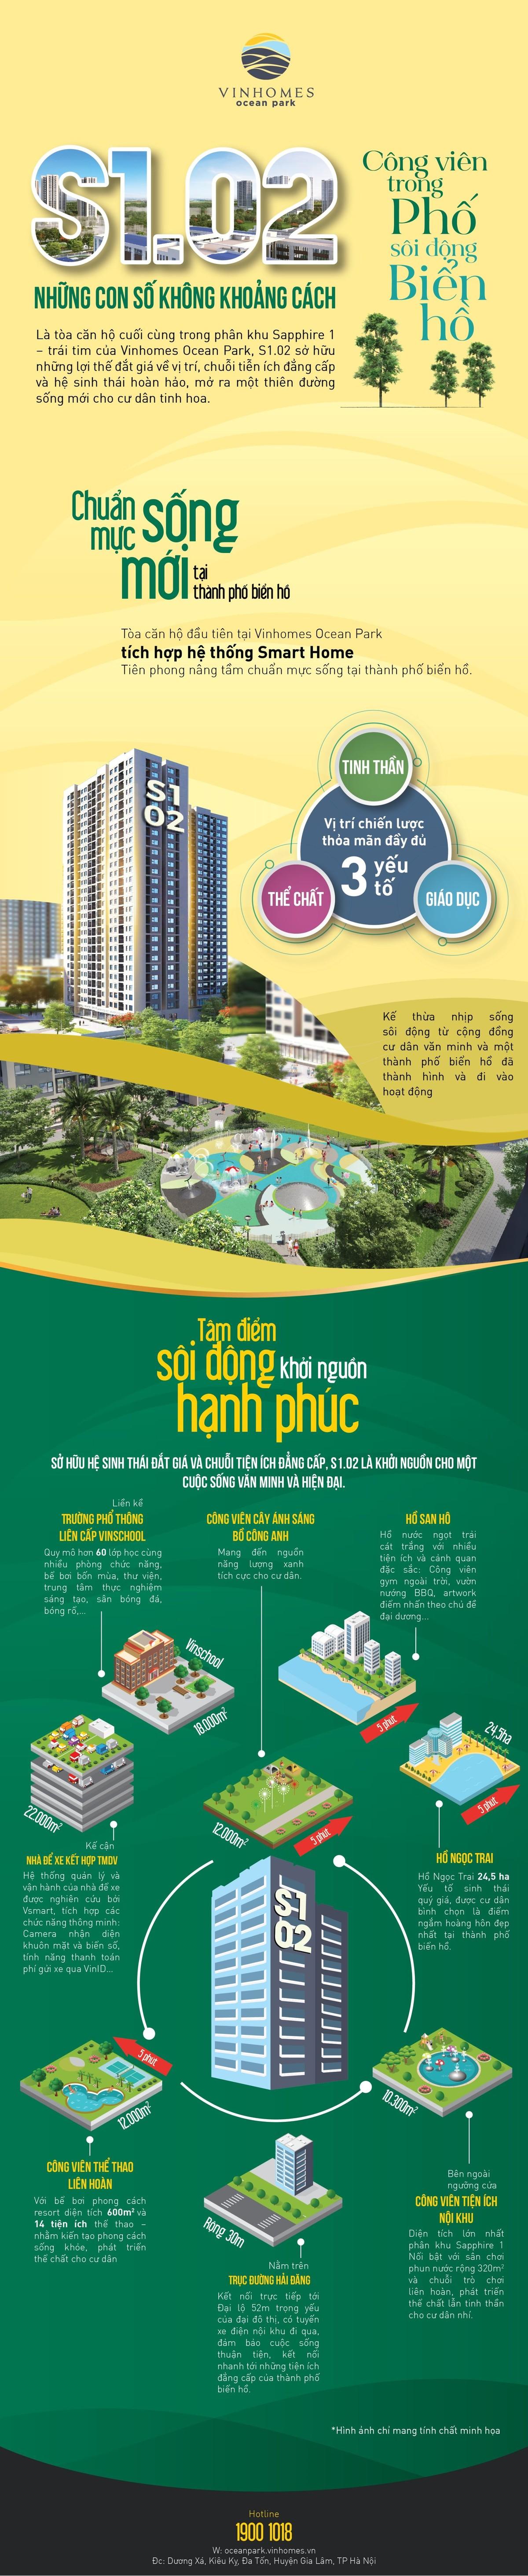 Infographic: S1.02 – công viên trong phố, sôi động biển hồ ảnh 1